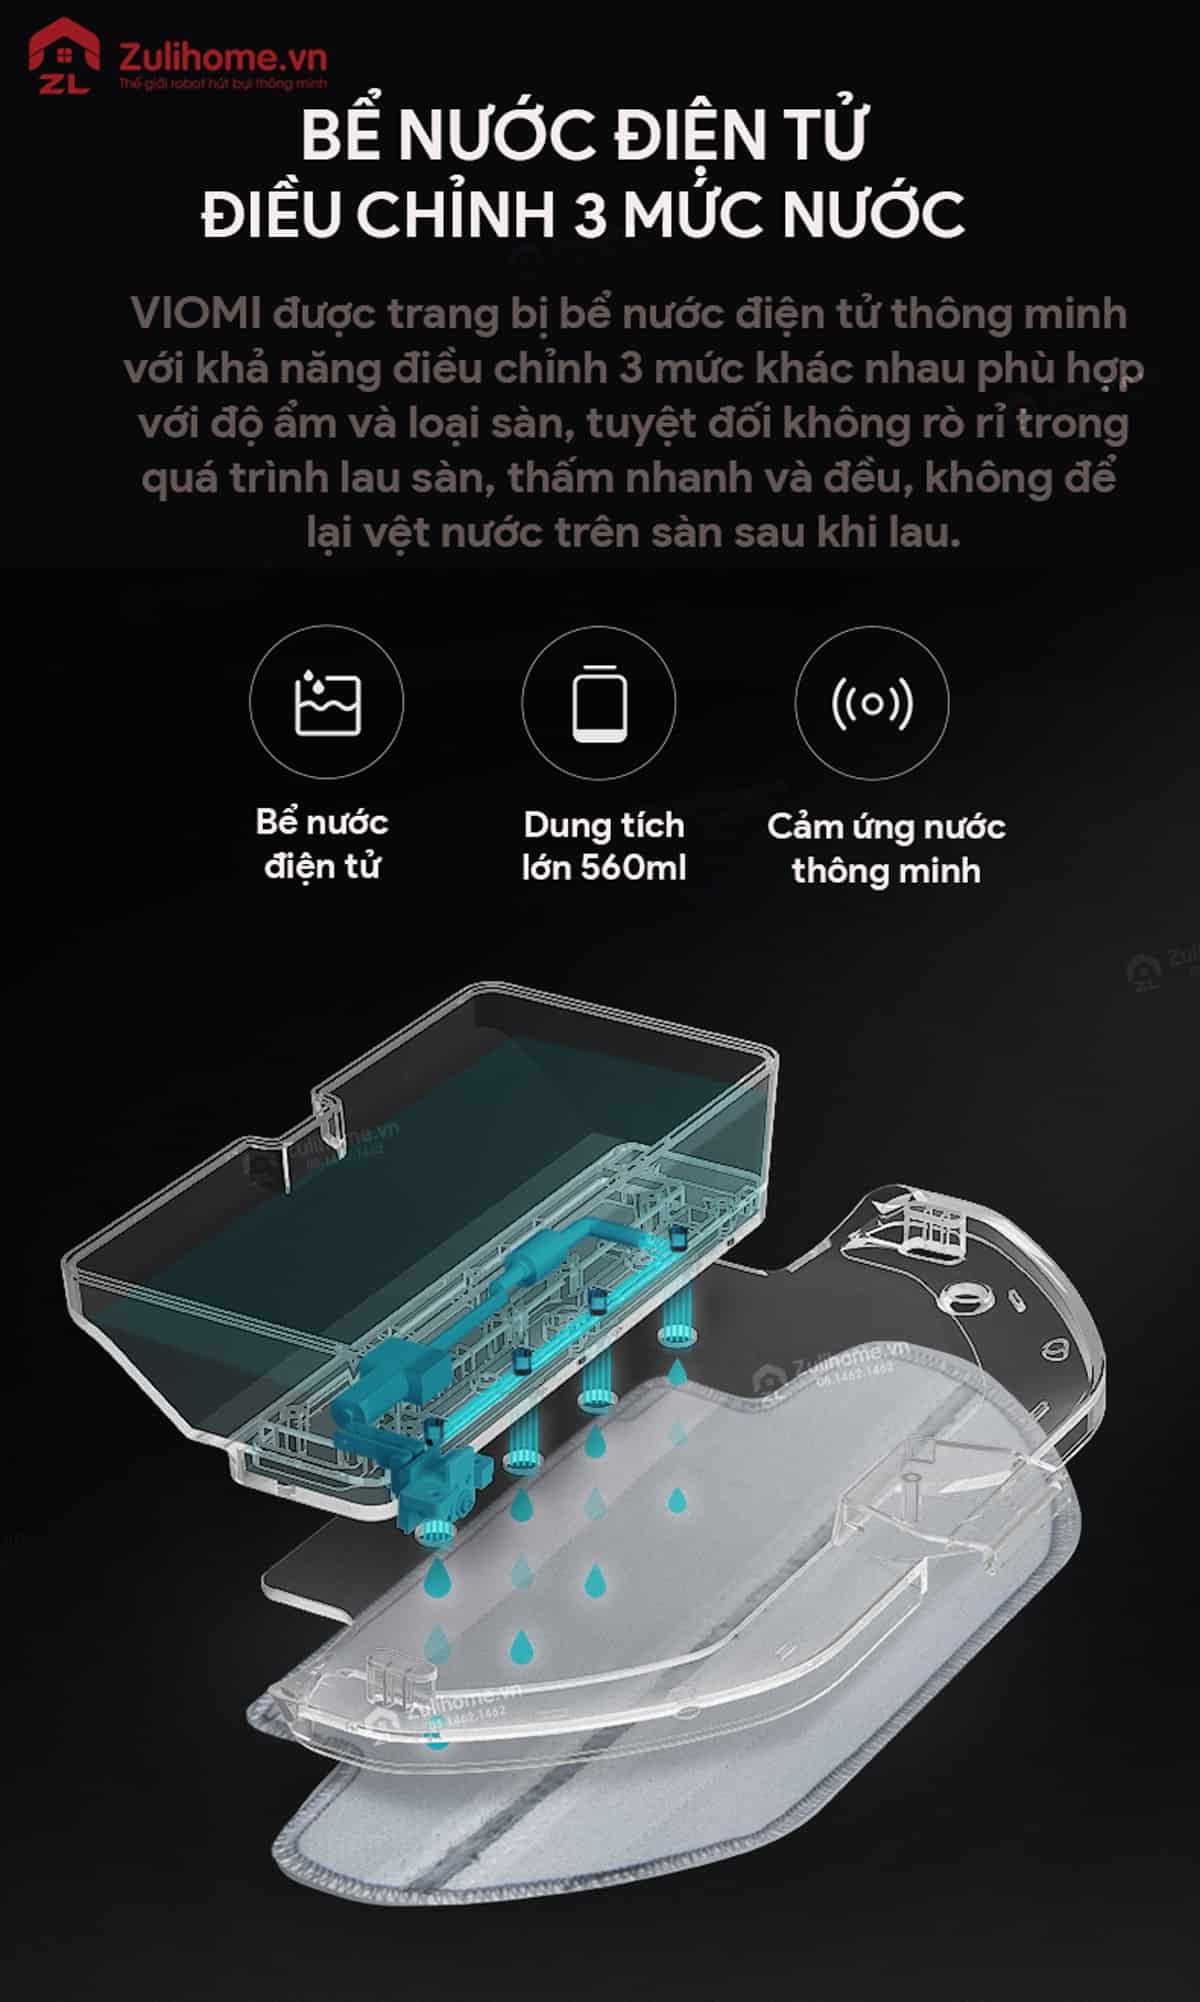 Xiaomi Viomi Yunmi được trang bị bể nước điện tử